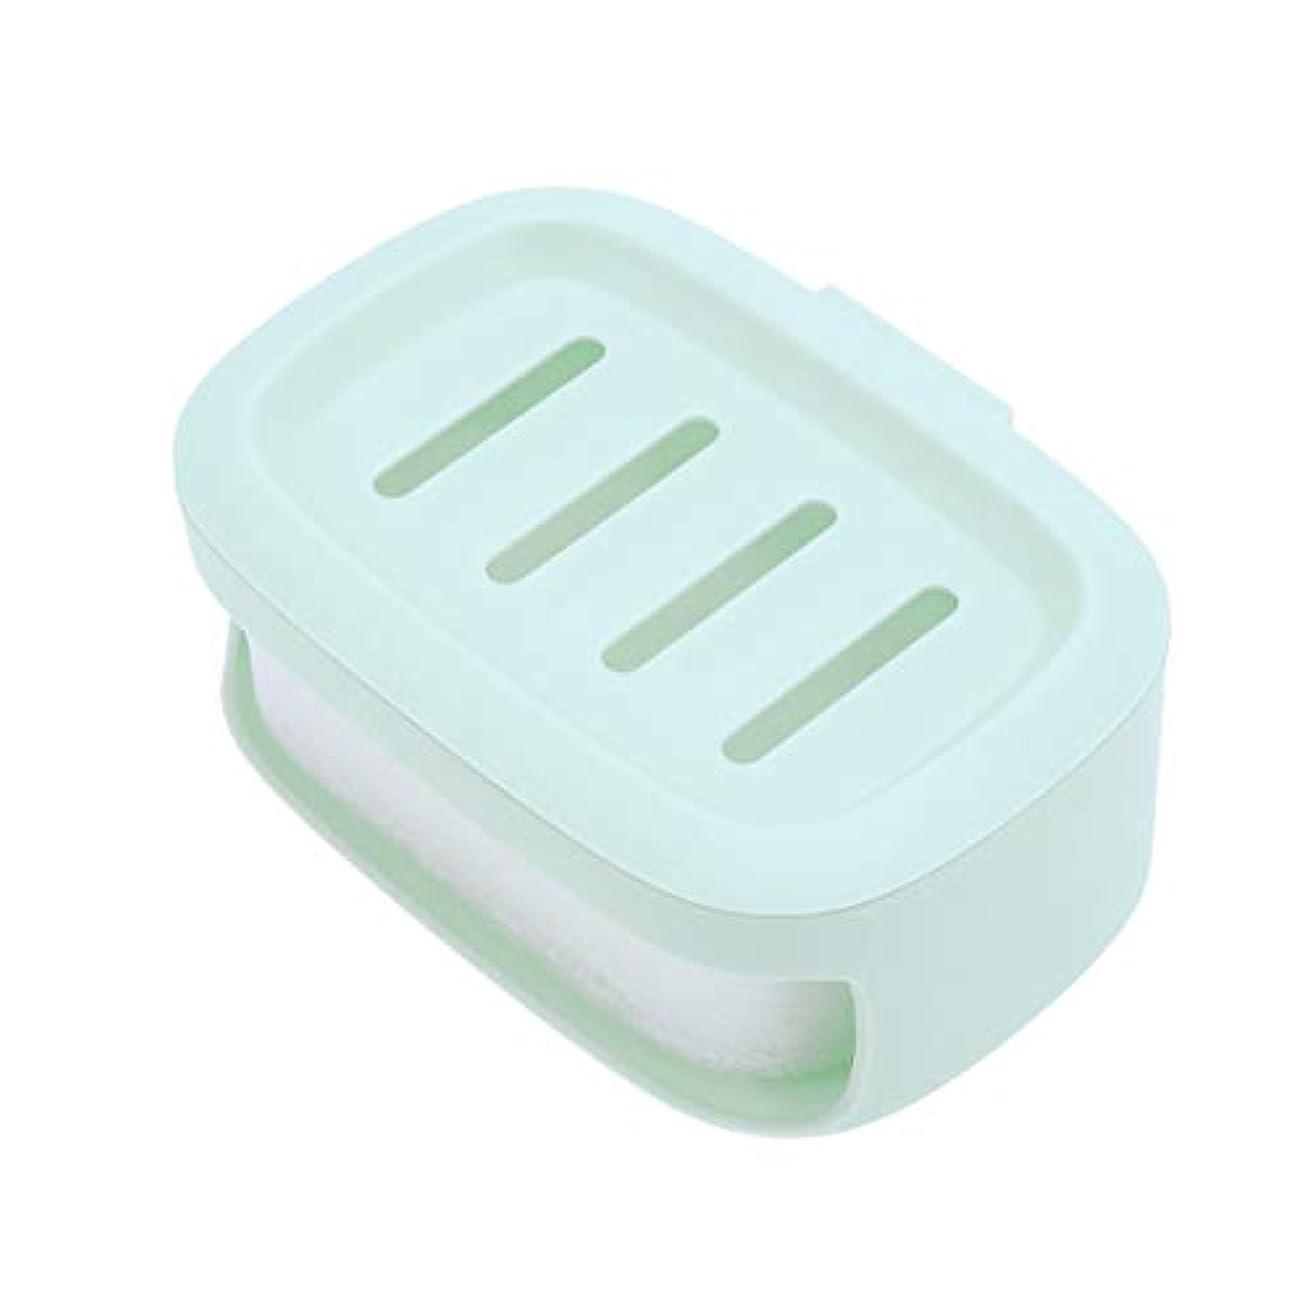 一般昼間適応するHEALIFTY ソープボックス防水ソープコンテナバスルームソープ収納ケースソープホルダー(グリーン)